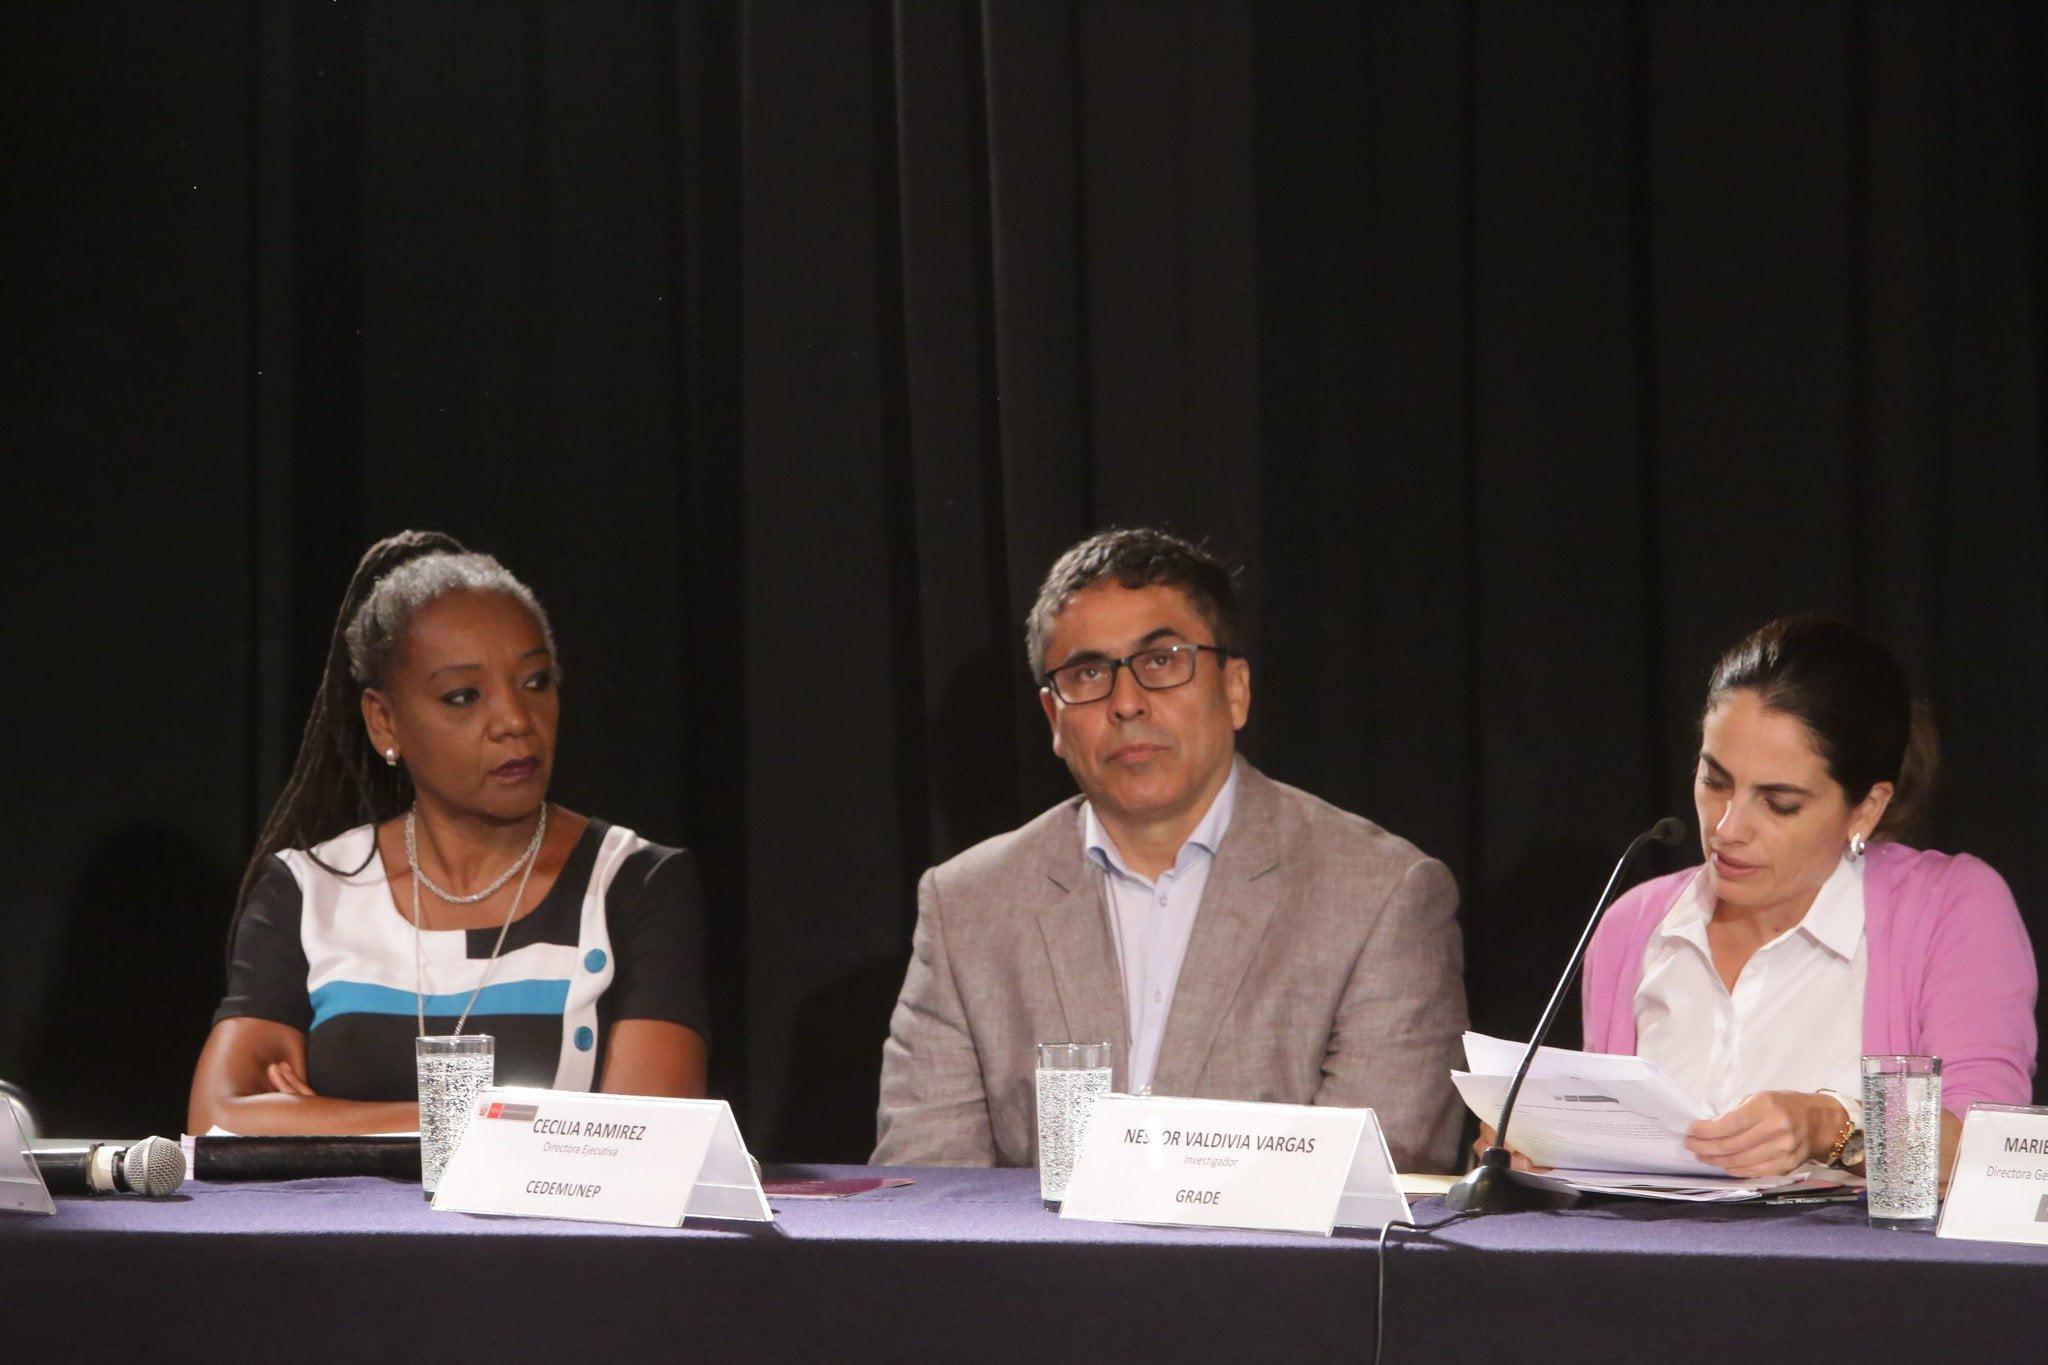 Ministerio de Cultura presenta los resultados de la I Encuesta Nacional Percepciones y actitudes sobre diversidad cultural y discriminación étnico-racial.